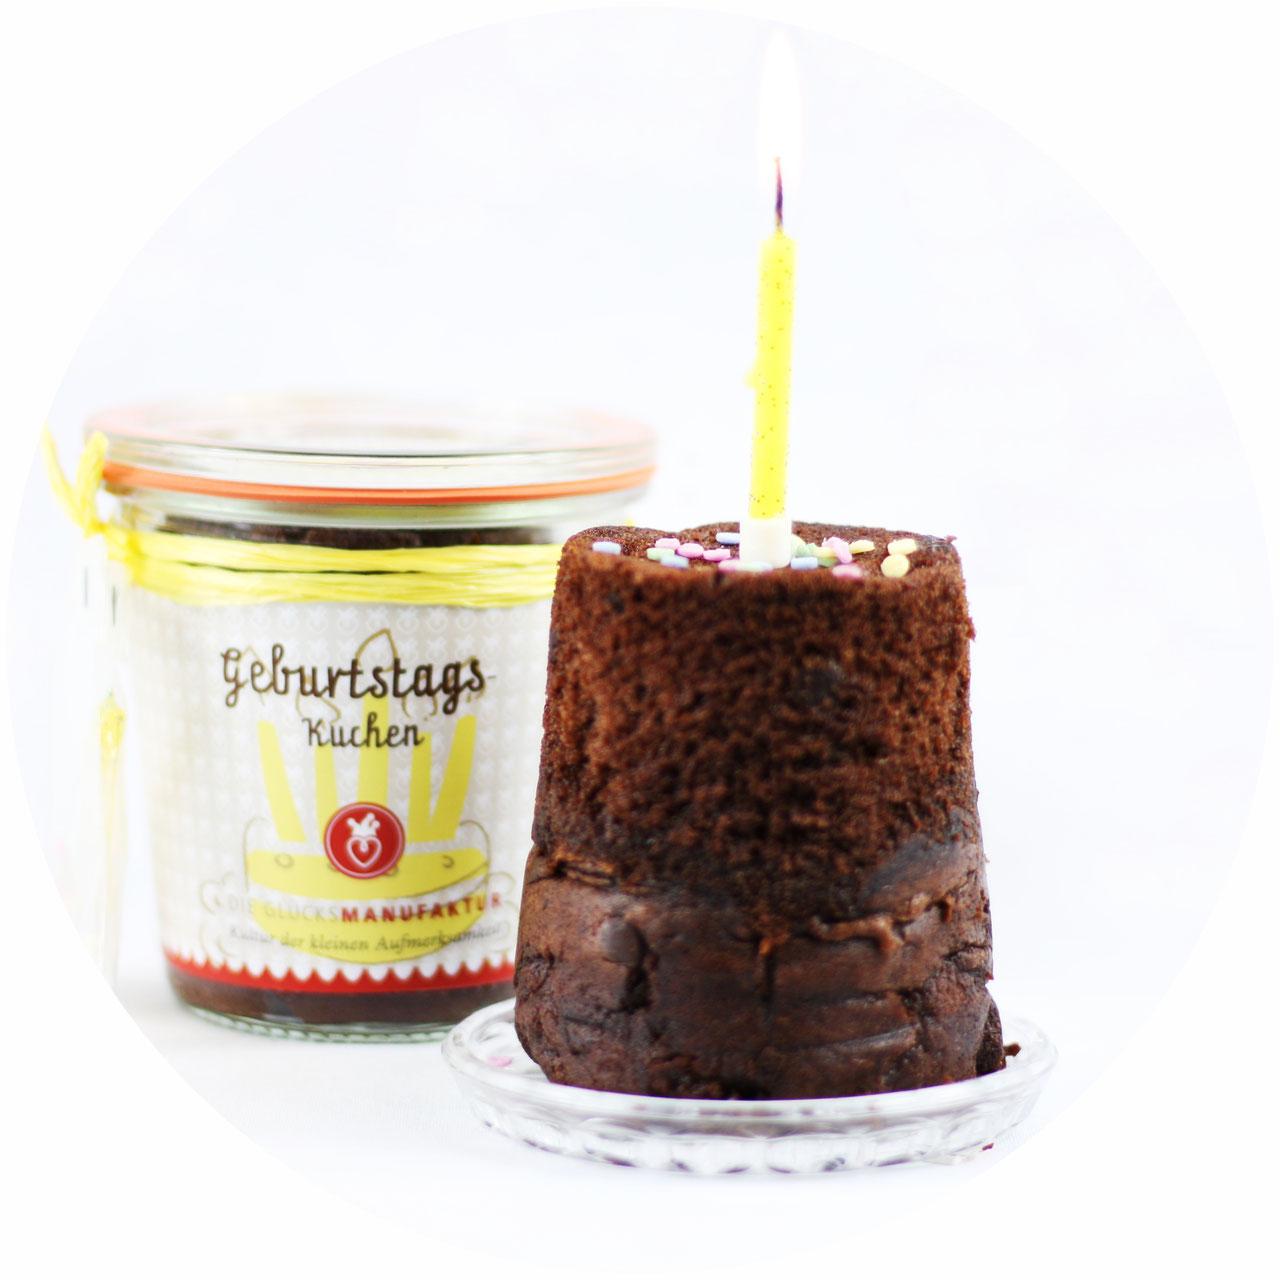 Geburtstags Kuchen Im Glas Die Glucksmanufaktur Kuchen Im Glas